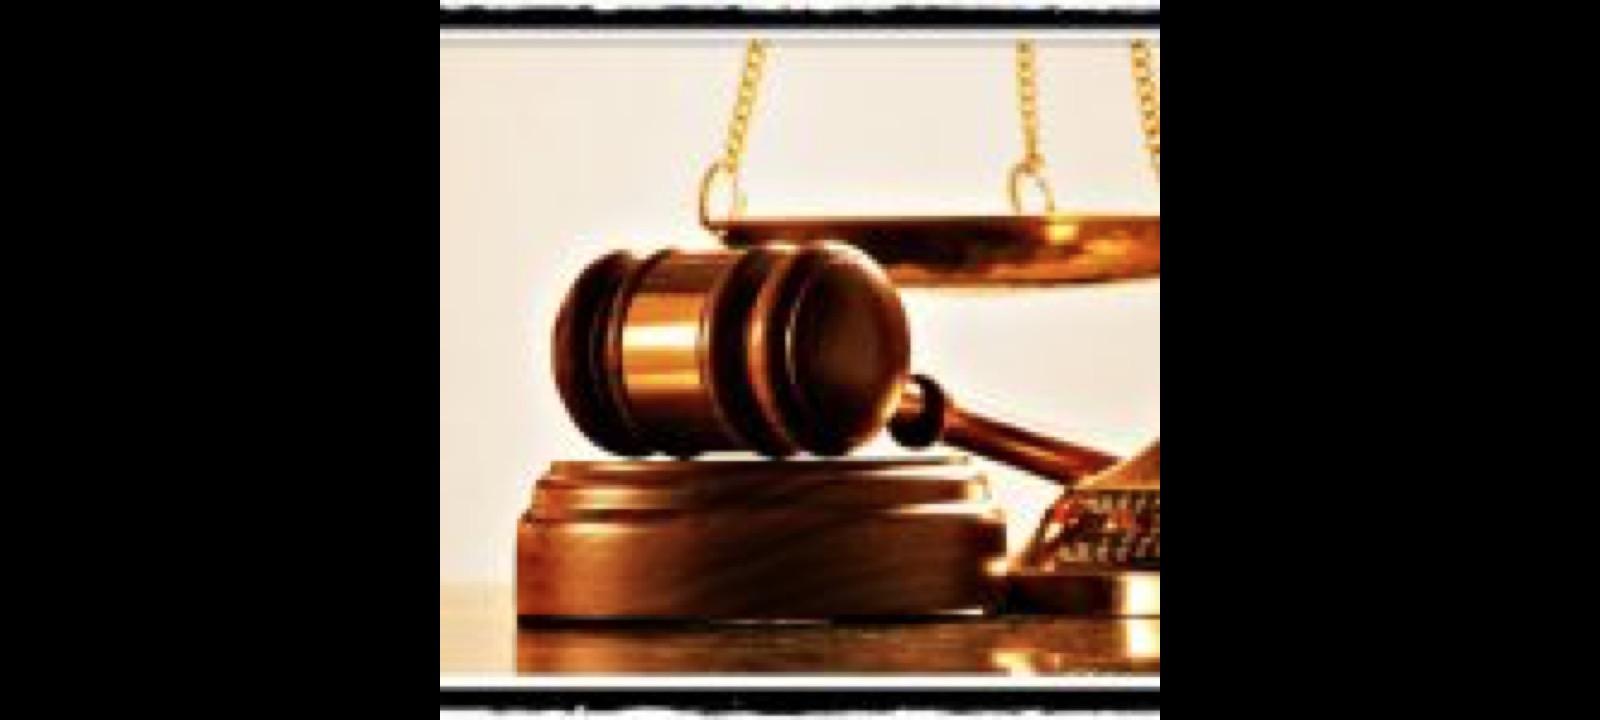 La Justicia sentencia que el Personal Laboral de centros educativos tiene derecho a disfrutar de los días de asuntos propios durante el periodo lectivo